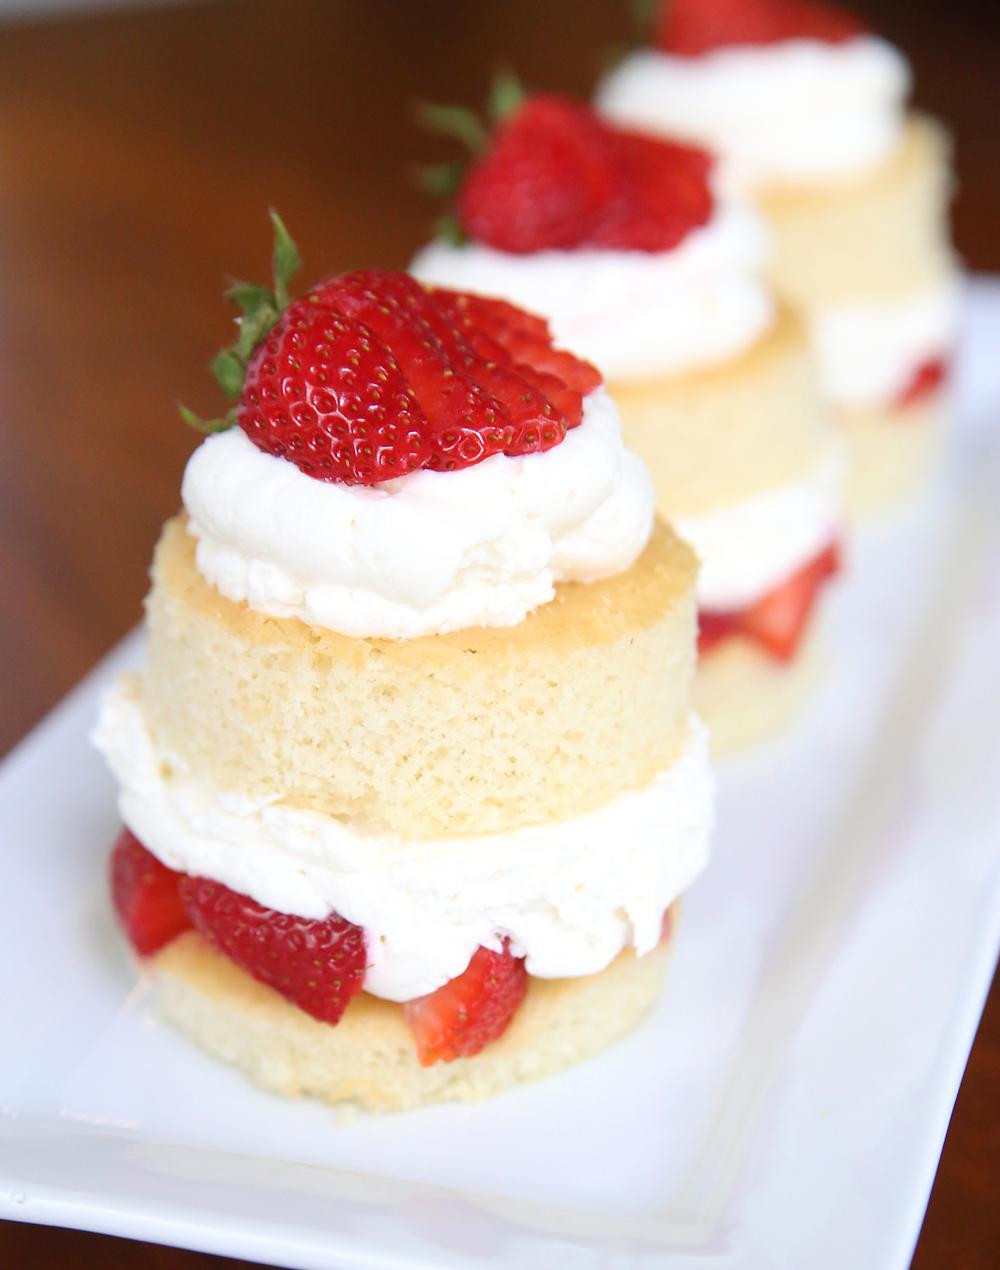 Strawberry shortcake, layers of cake, strawberries and white chocolate cream